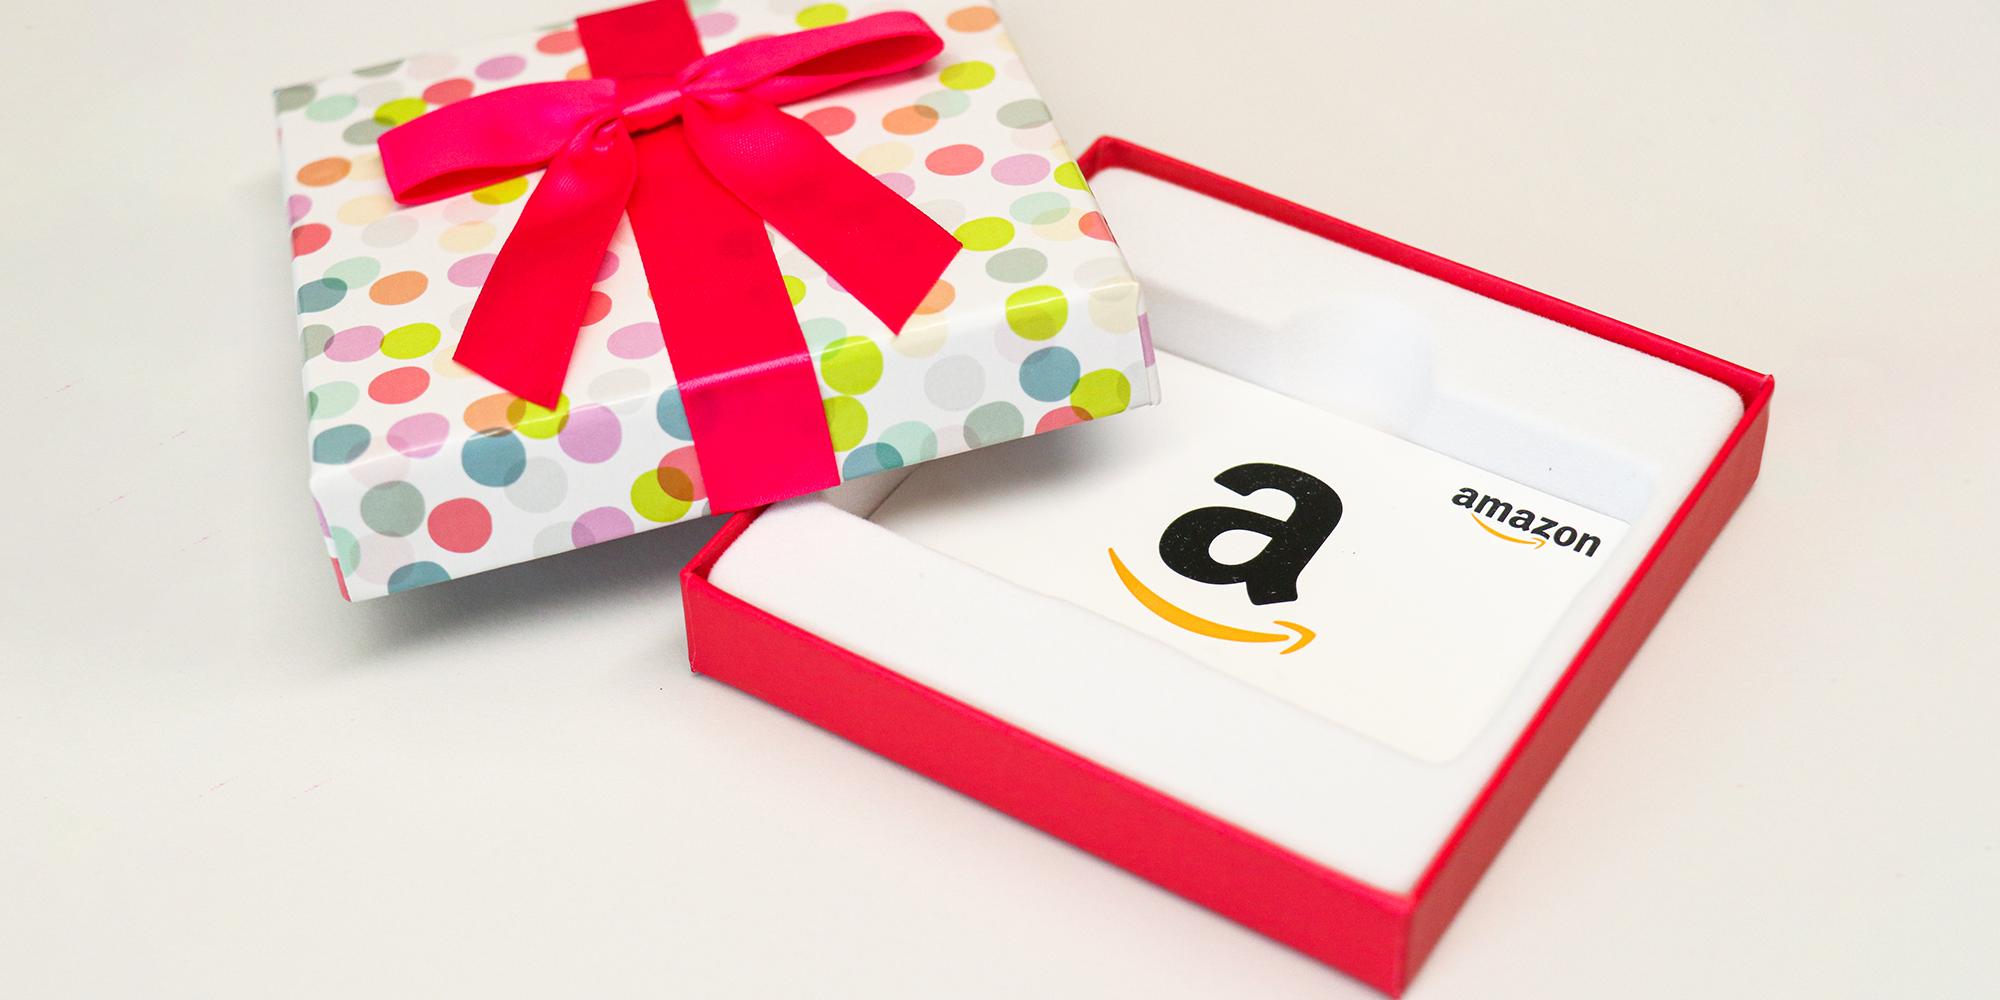 Tarjeta de regalo Amazon: lo más deseado